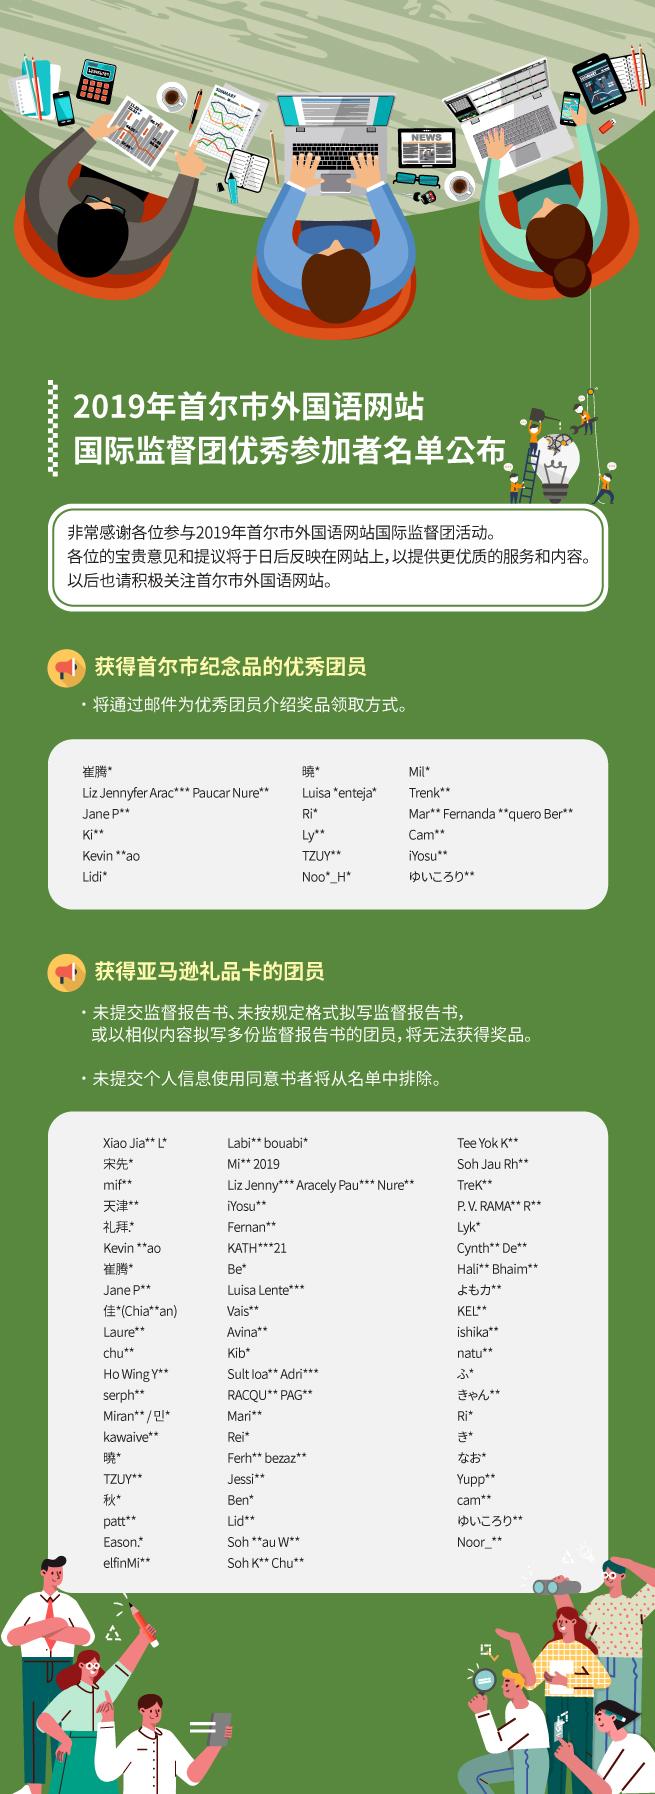 2019年首尔市外国语网站 国际监督团优秀参加者名单公布 非常感谢各位参与2019年首尔市外国语网站国际监督团活动。 各位的宝贵意见和提议将于日后反映在网站上,以提供更优质的服务和内容。 以后也请积极关注首尔市外国语网站。 获得首尔市纪念品的优秀团员 将通过邮件为优秀团员介绍奖品领取方式